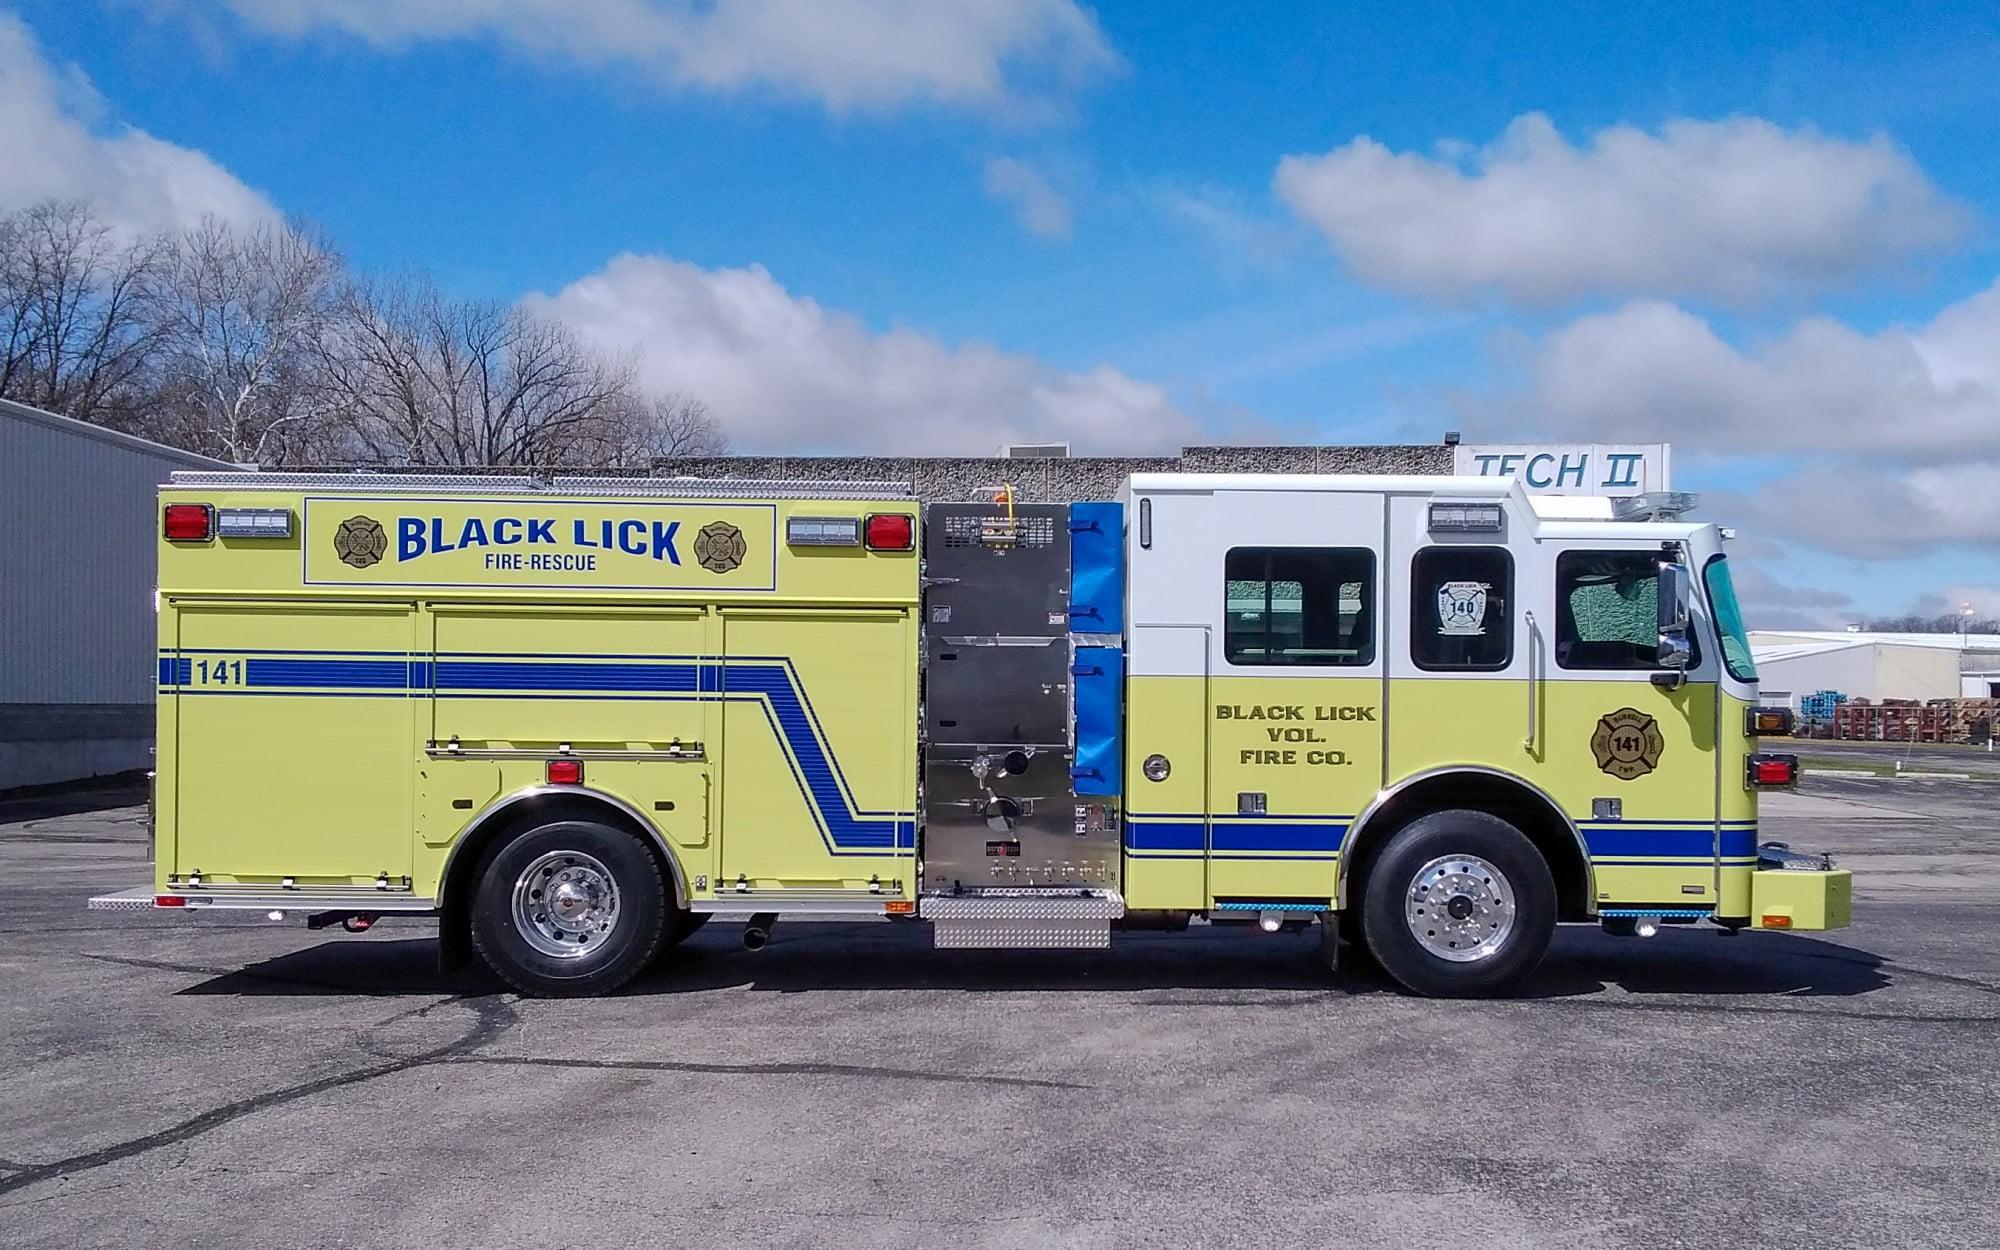 black-lick-fire-department-5